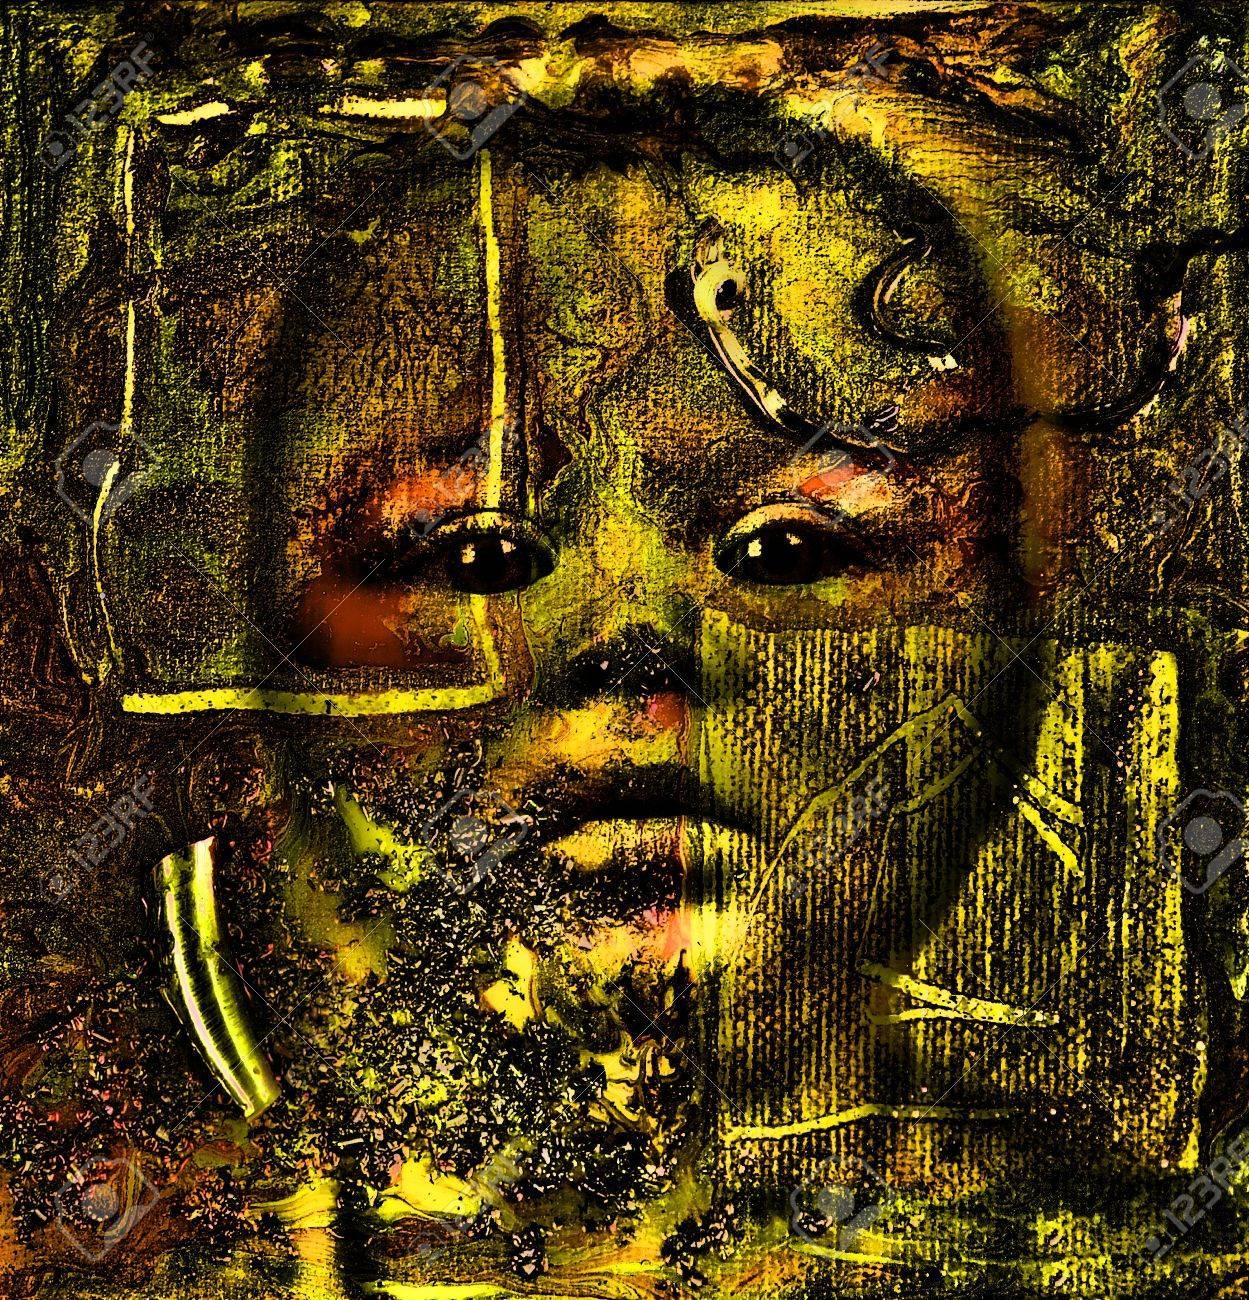 Belle Image D Un Collage Peinture A L Huile Originale Sur La Toile Banque D Images Et Photos Libres De Droits Image 11280681